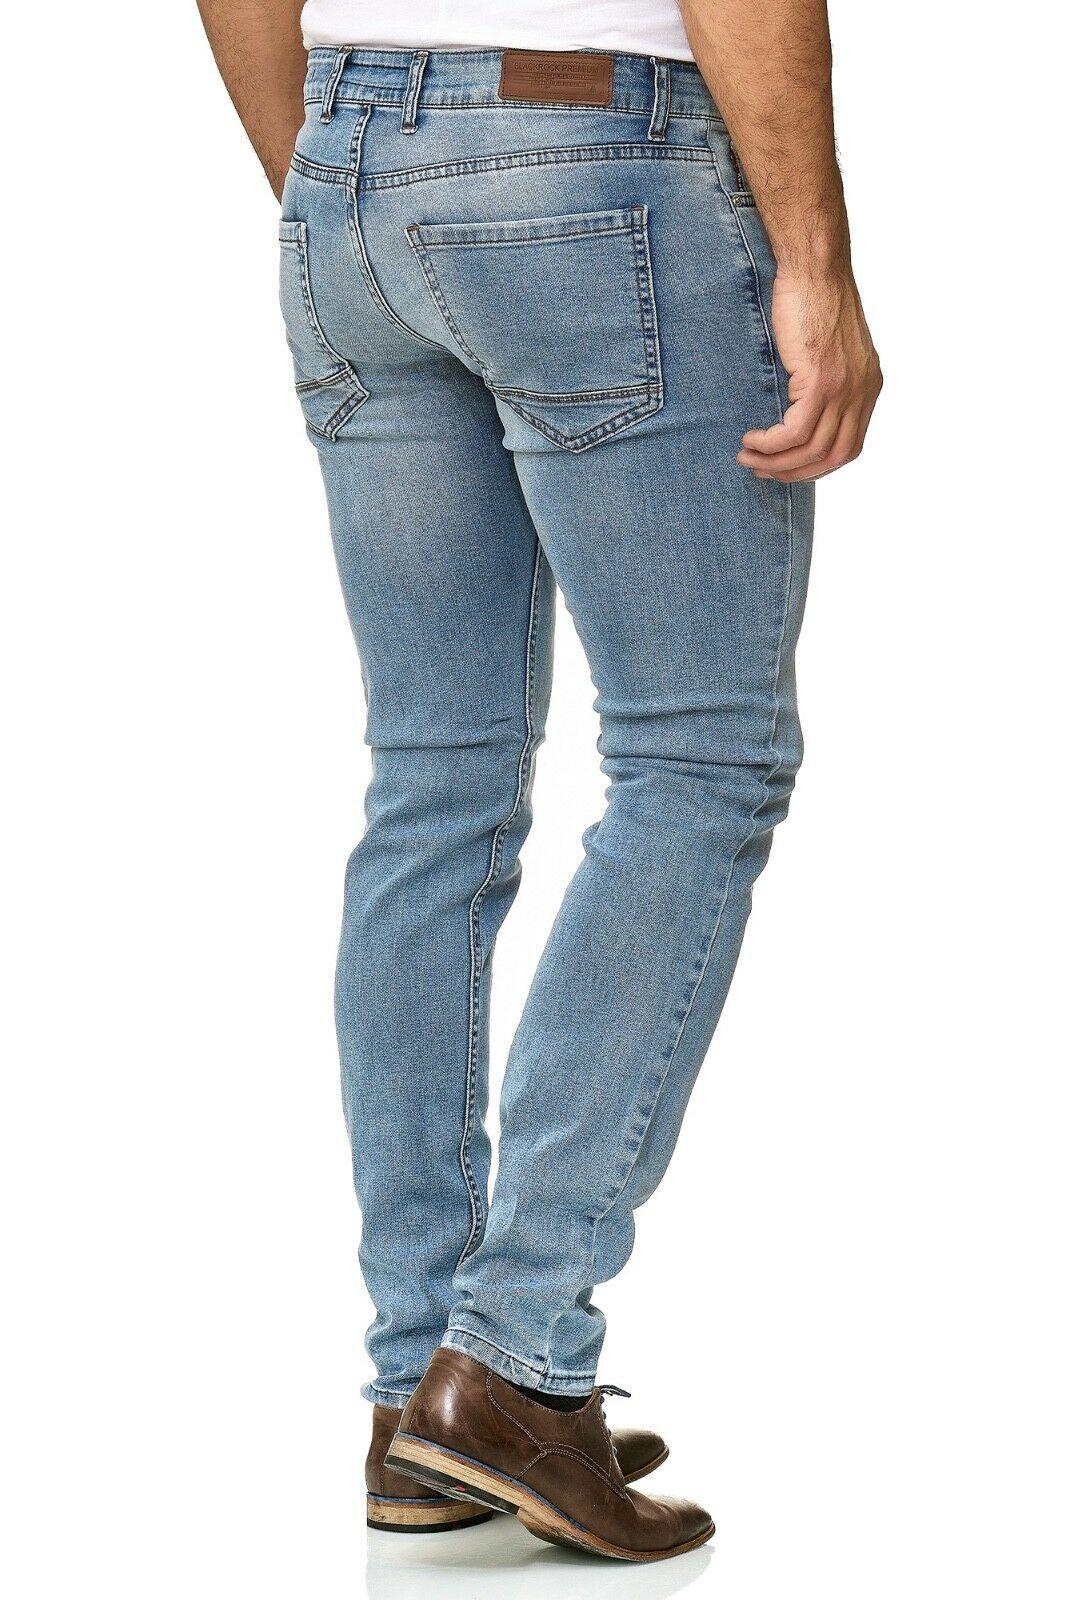 Herren-Jeanshosen-Stretch-Hose-Slim-fit-SKINNY-Jeans-Blau-Schwarz-Grau-Weiss Indexbild 39